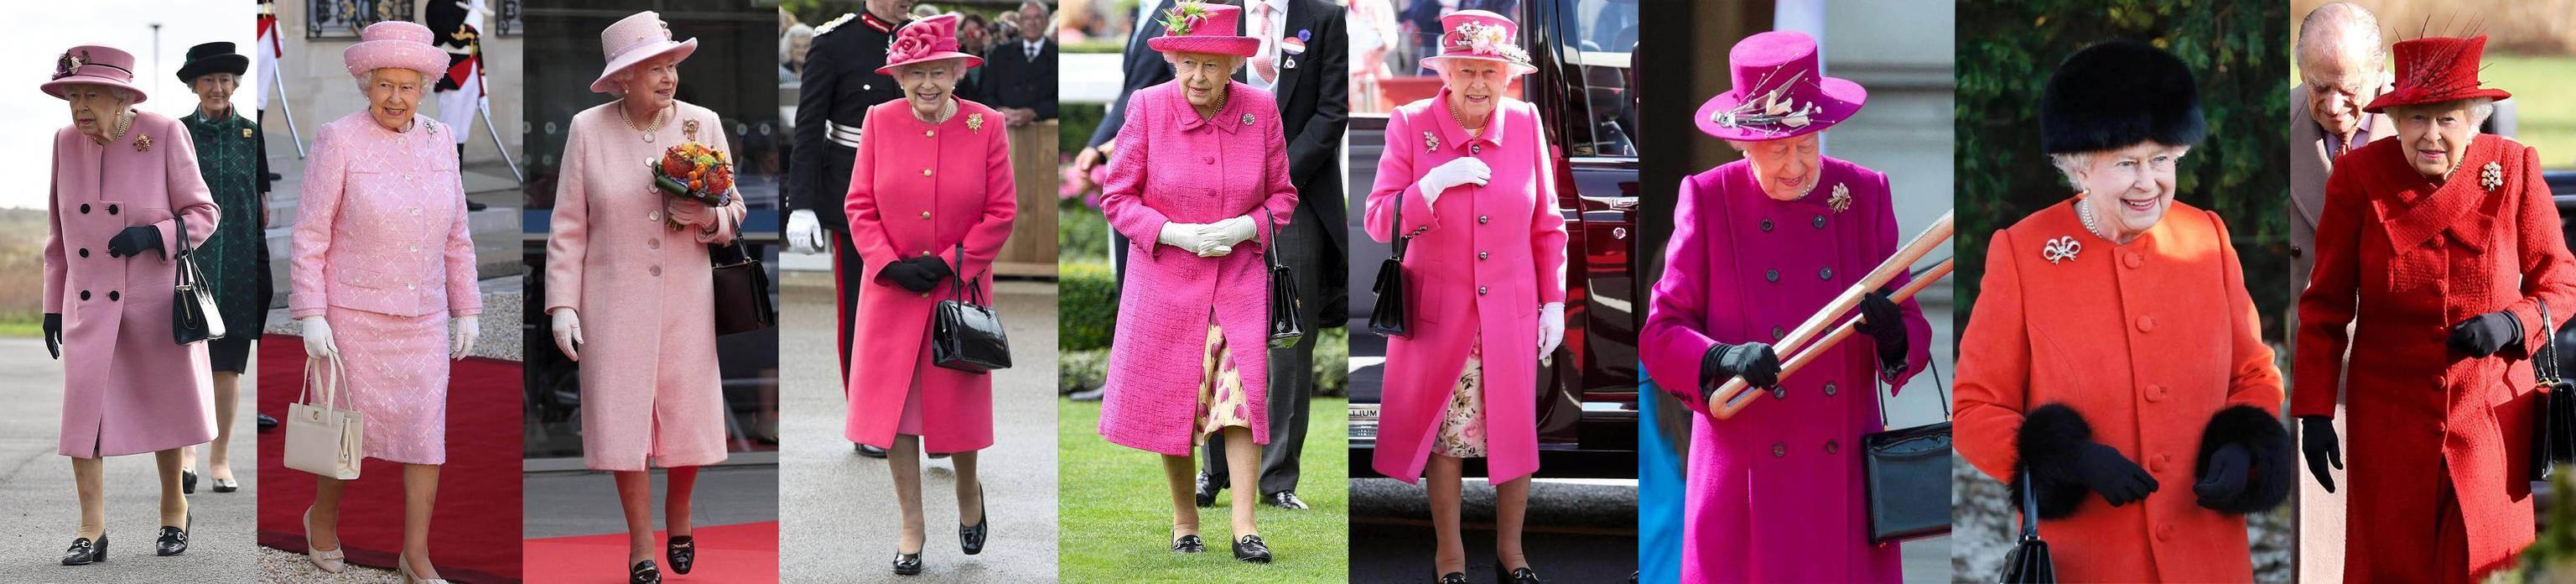 原创             英女王时隔七月终于现身,穿蜜桃粉大衣太可爱,彩虹造型展少女心